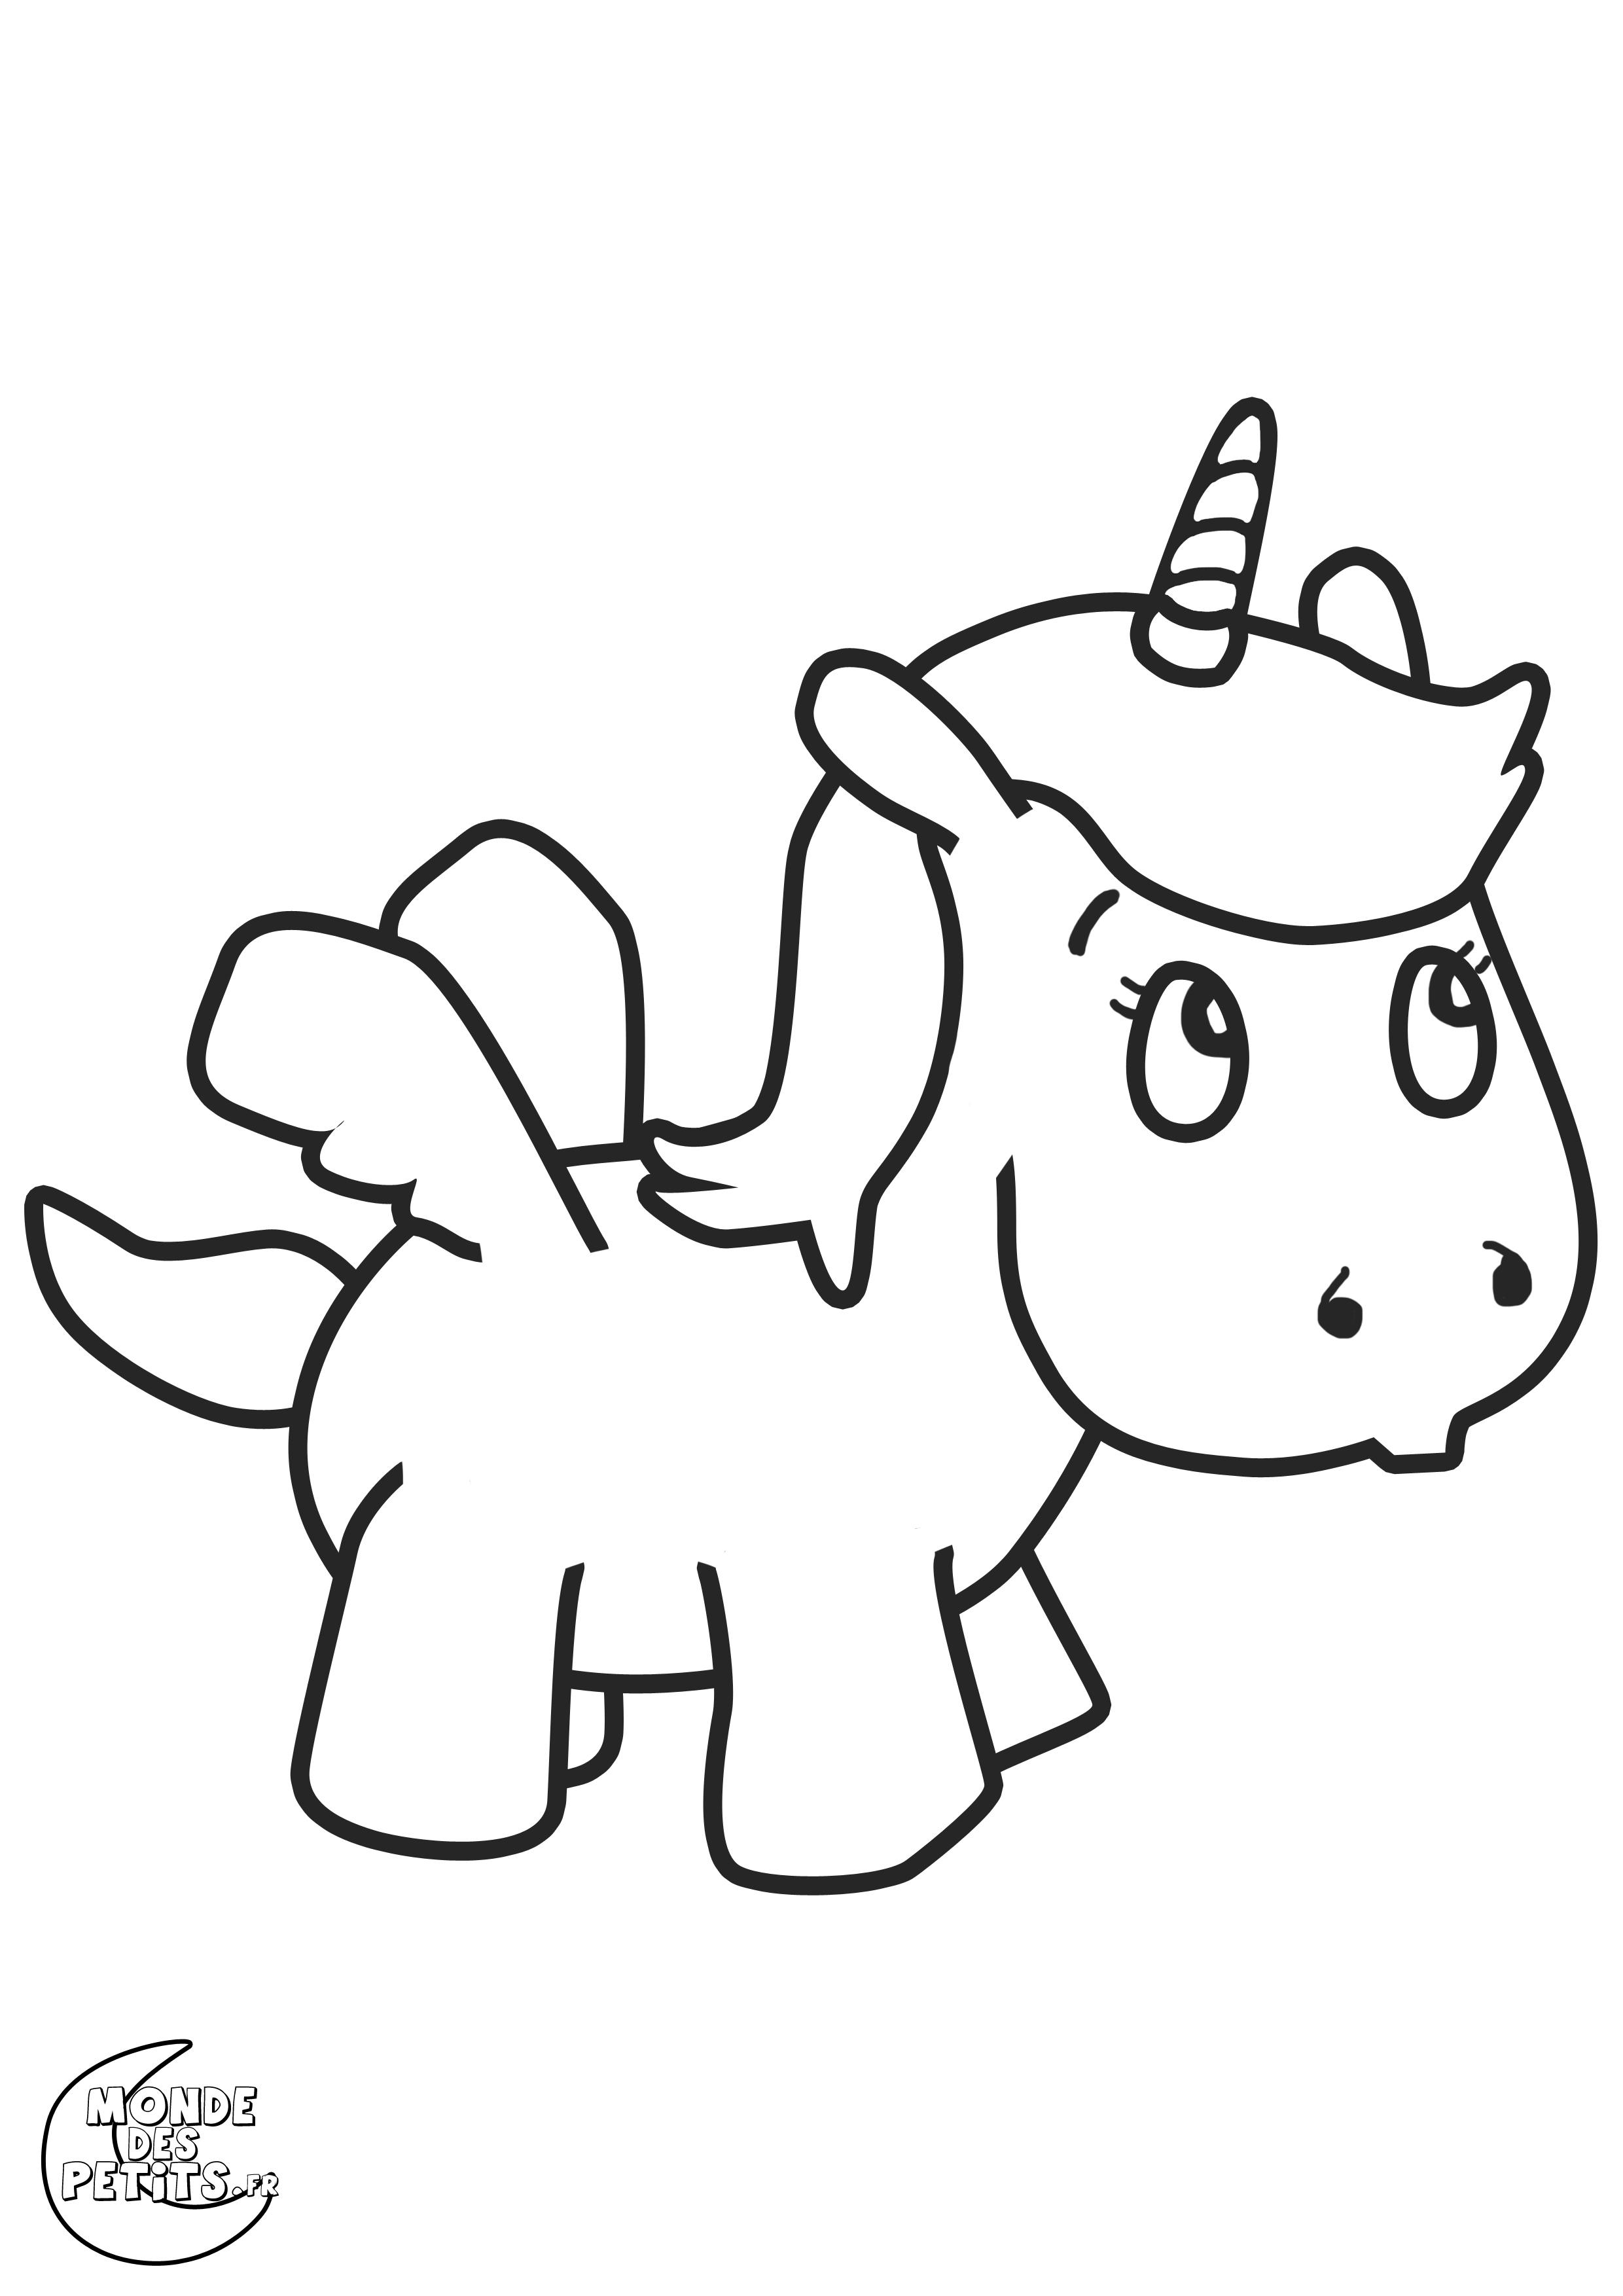 Dessin de poney pour imprimer et colorier